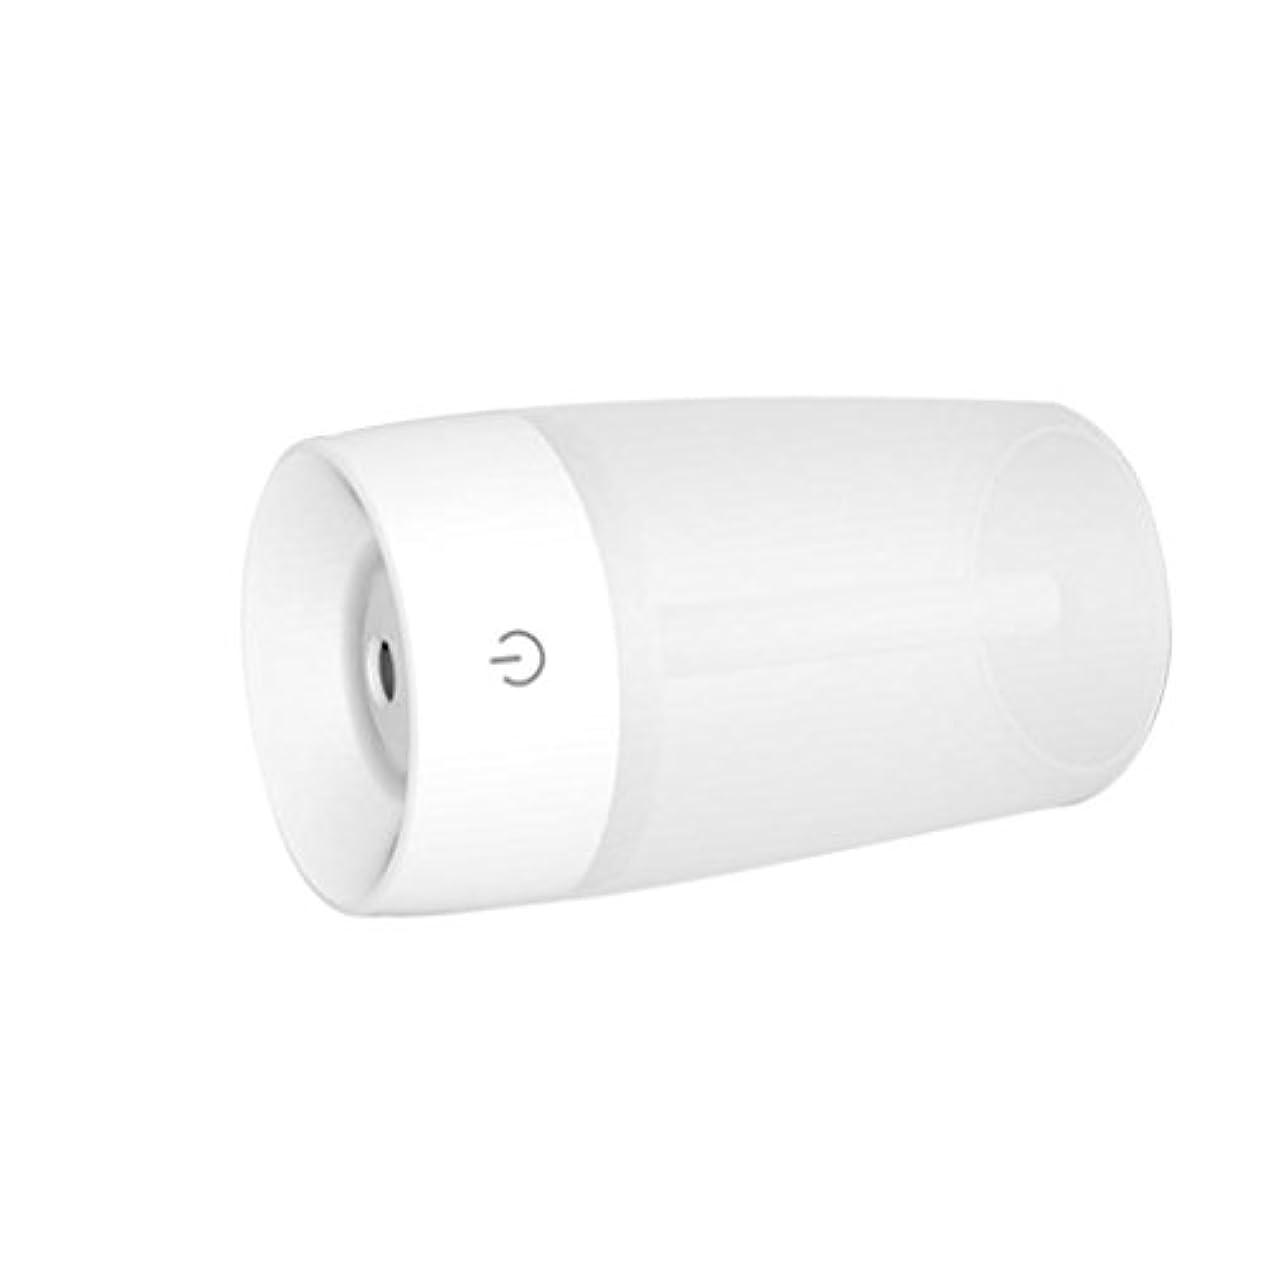 ミニブルーベルベッド加湿器 USB カップ形状 ポータブル アロマディフューザー 空気 アトマイザー 全3色 - 白い